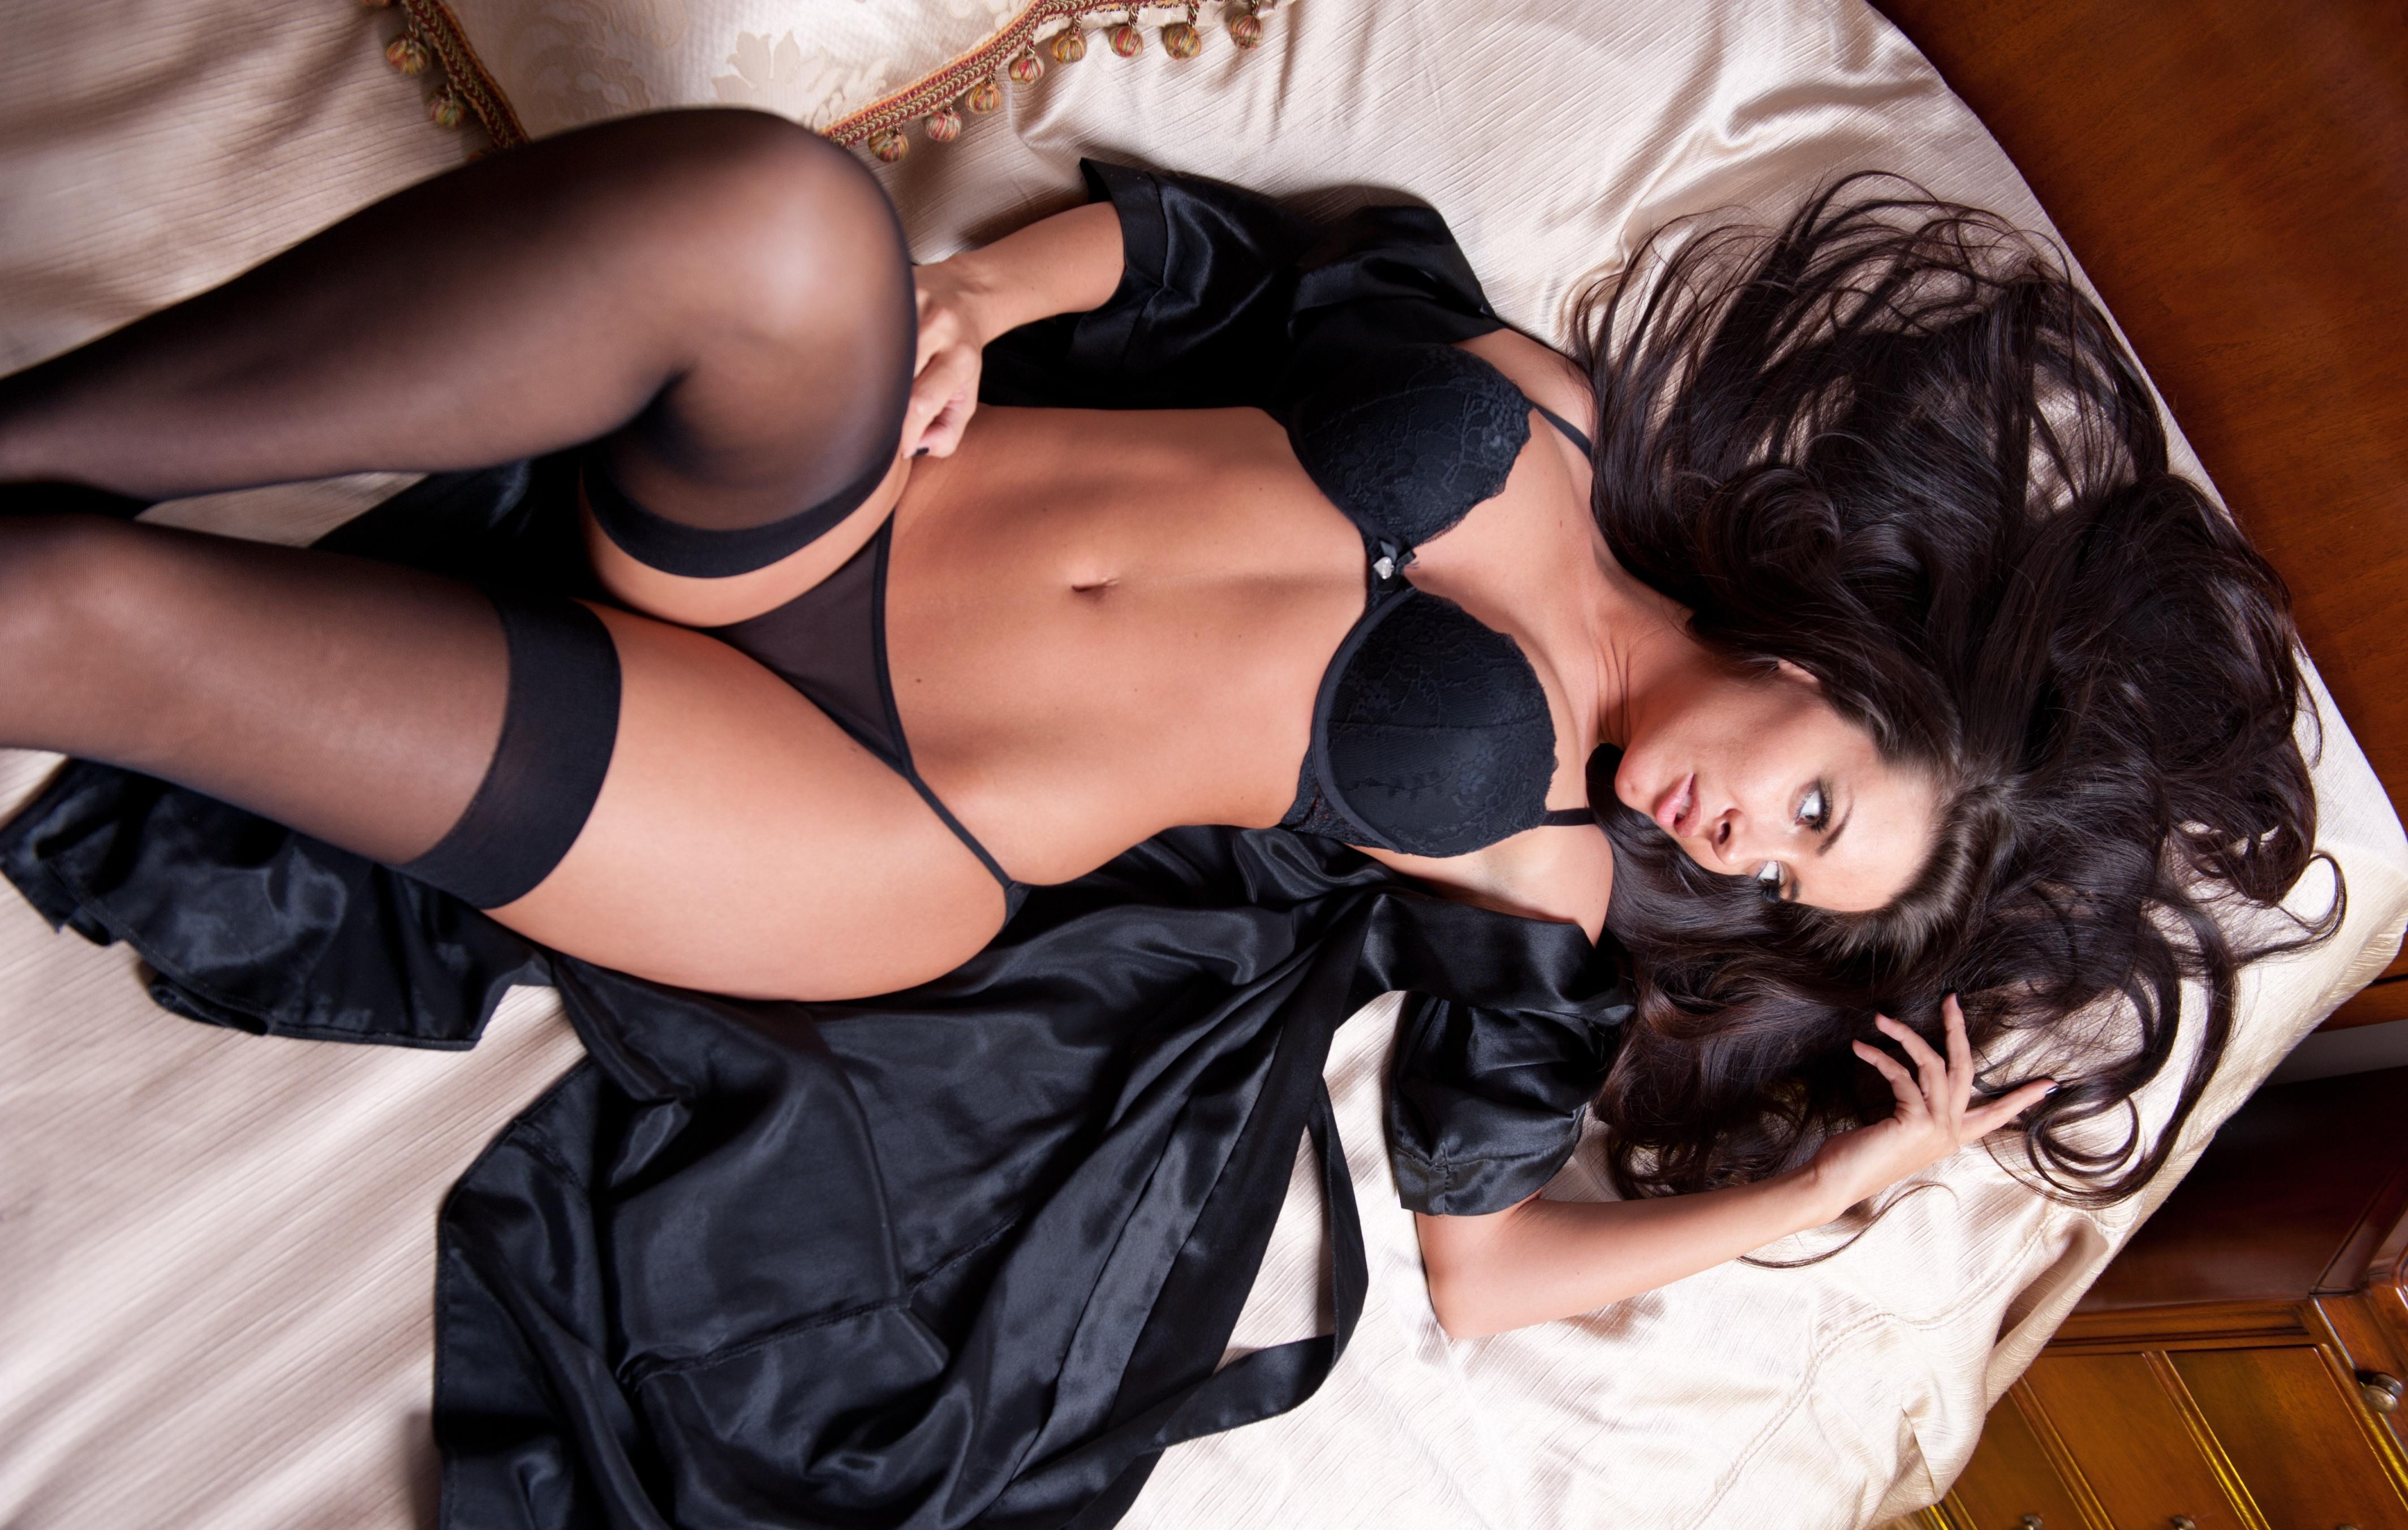 negr-i-belaya-seks-foto